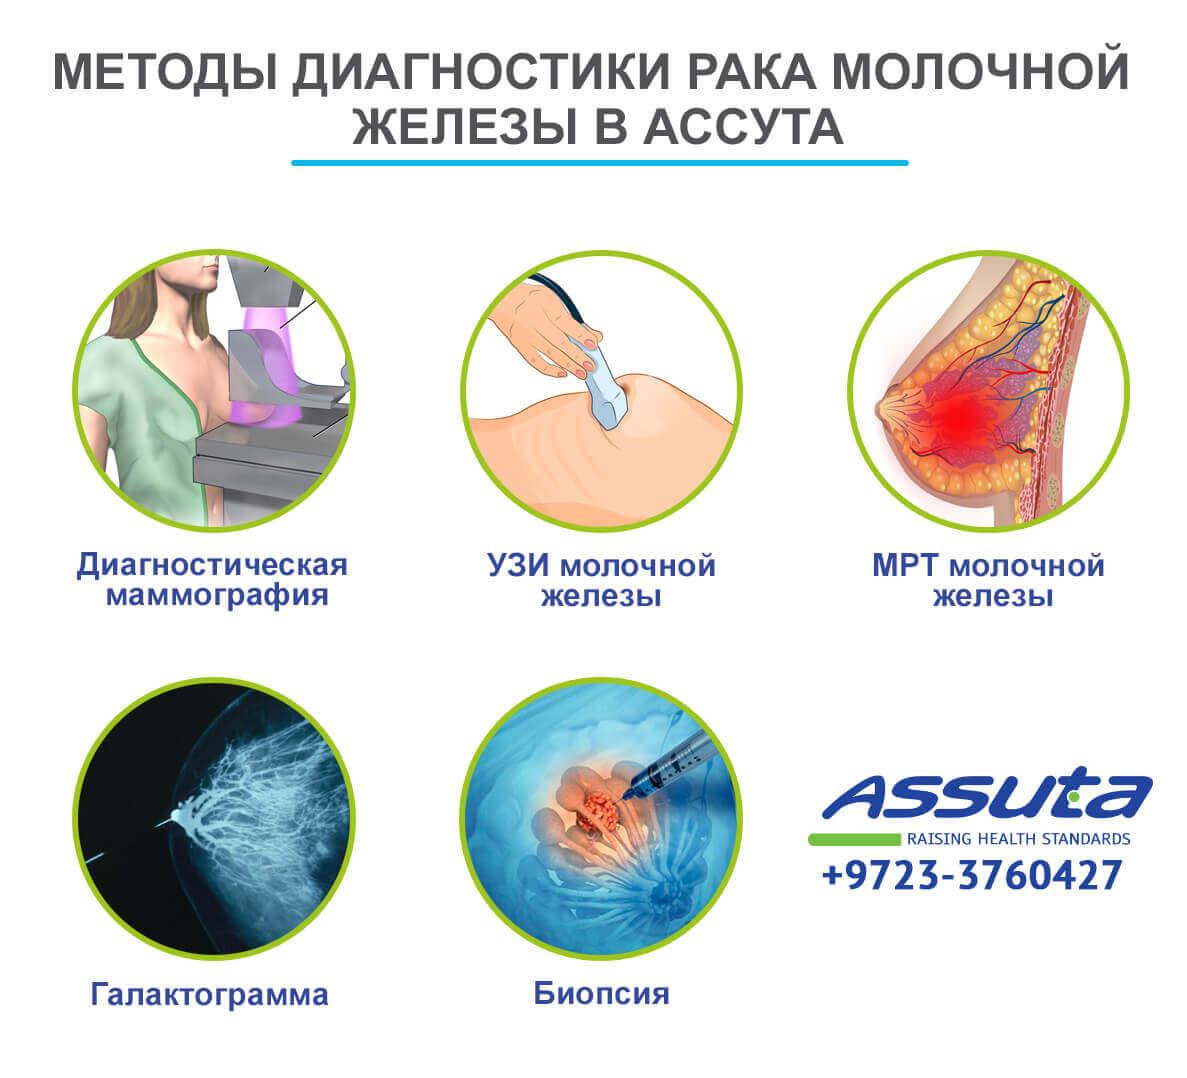 Методы диагностики рака молочной железы в Ассута